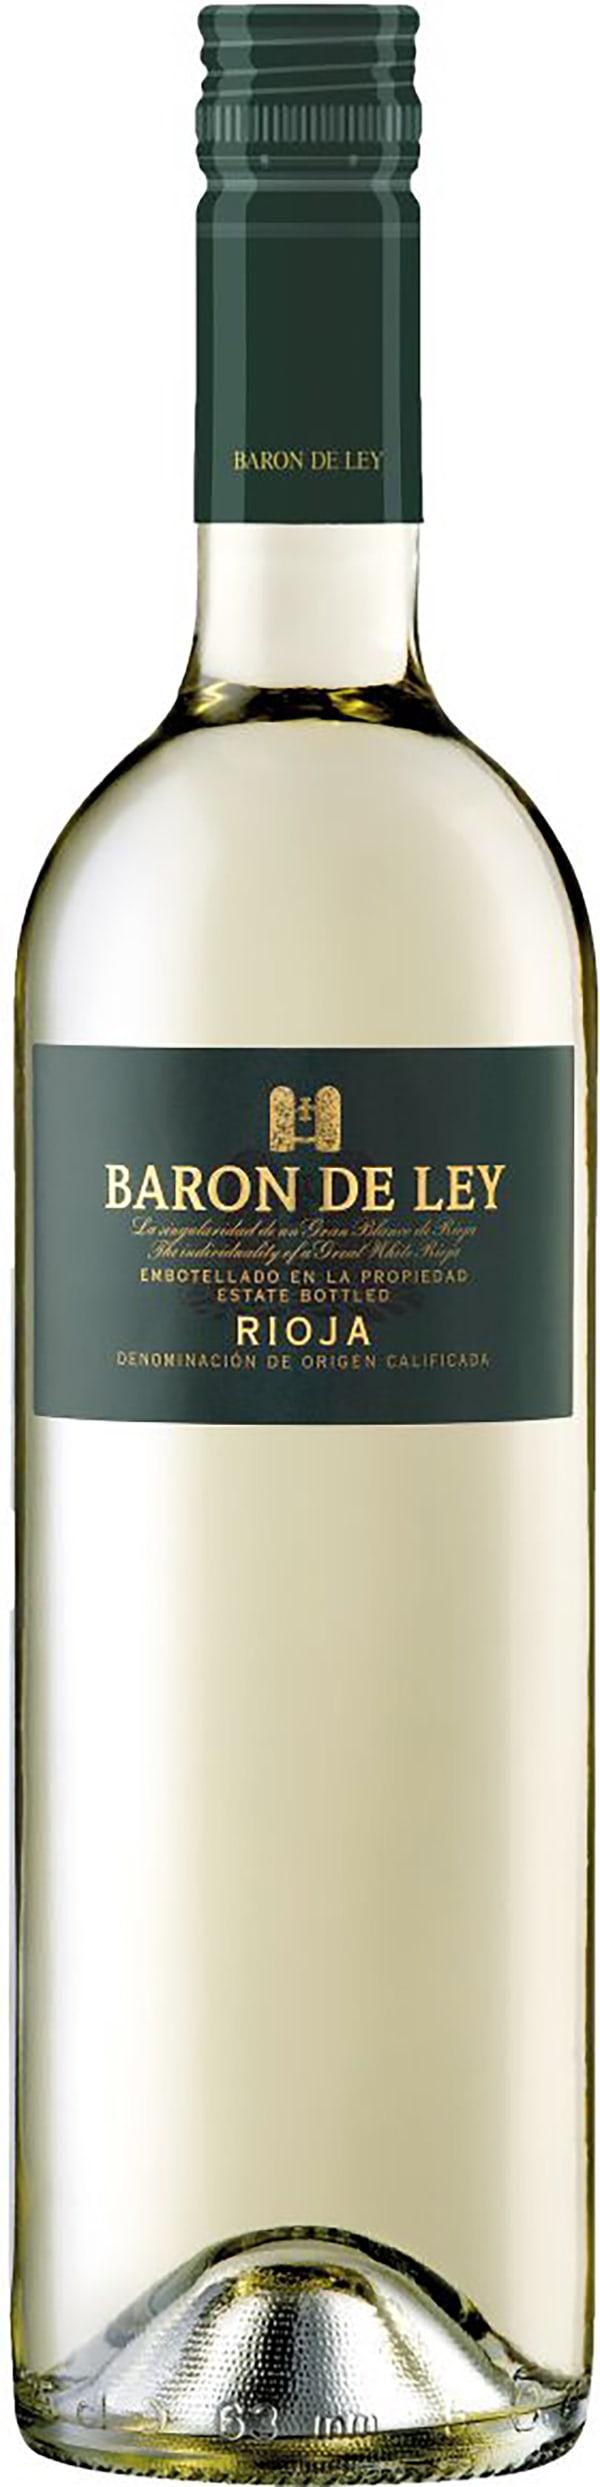 Baron de Ley Blanco 2016